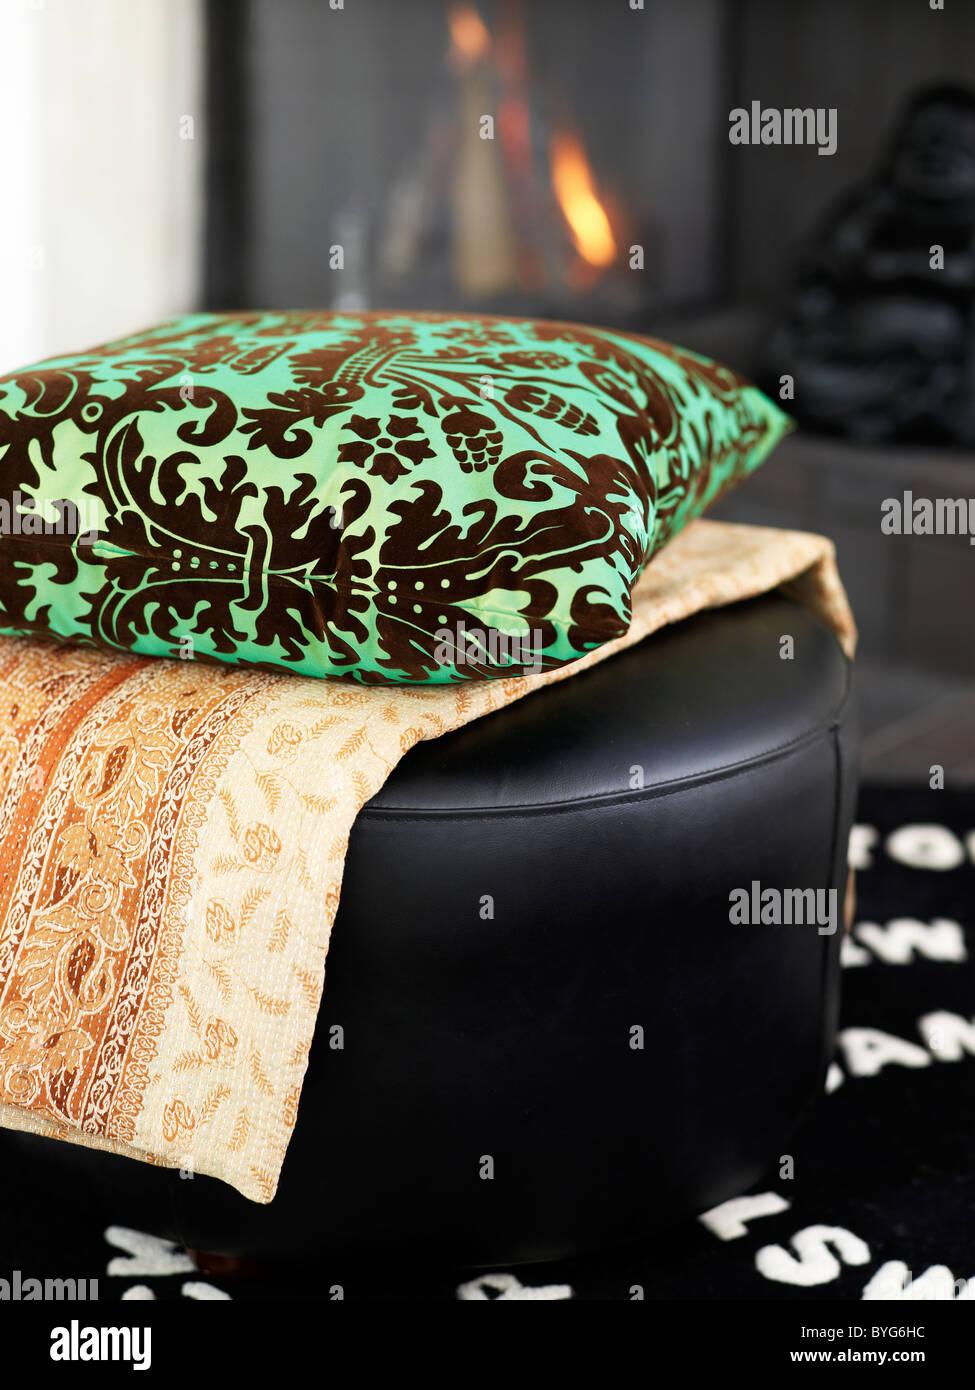 Stillleben mit reich verzierten Kissen und Tuch auf schwarzem Leder Sitzkissen Stockbild